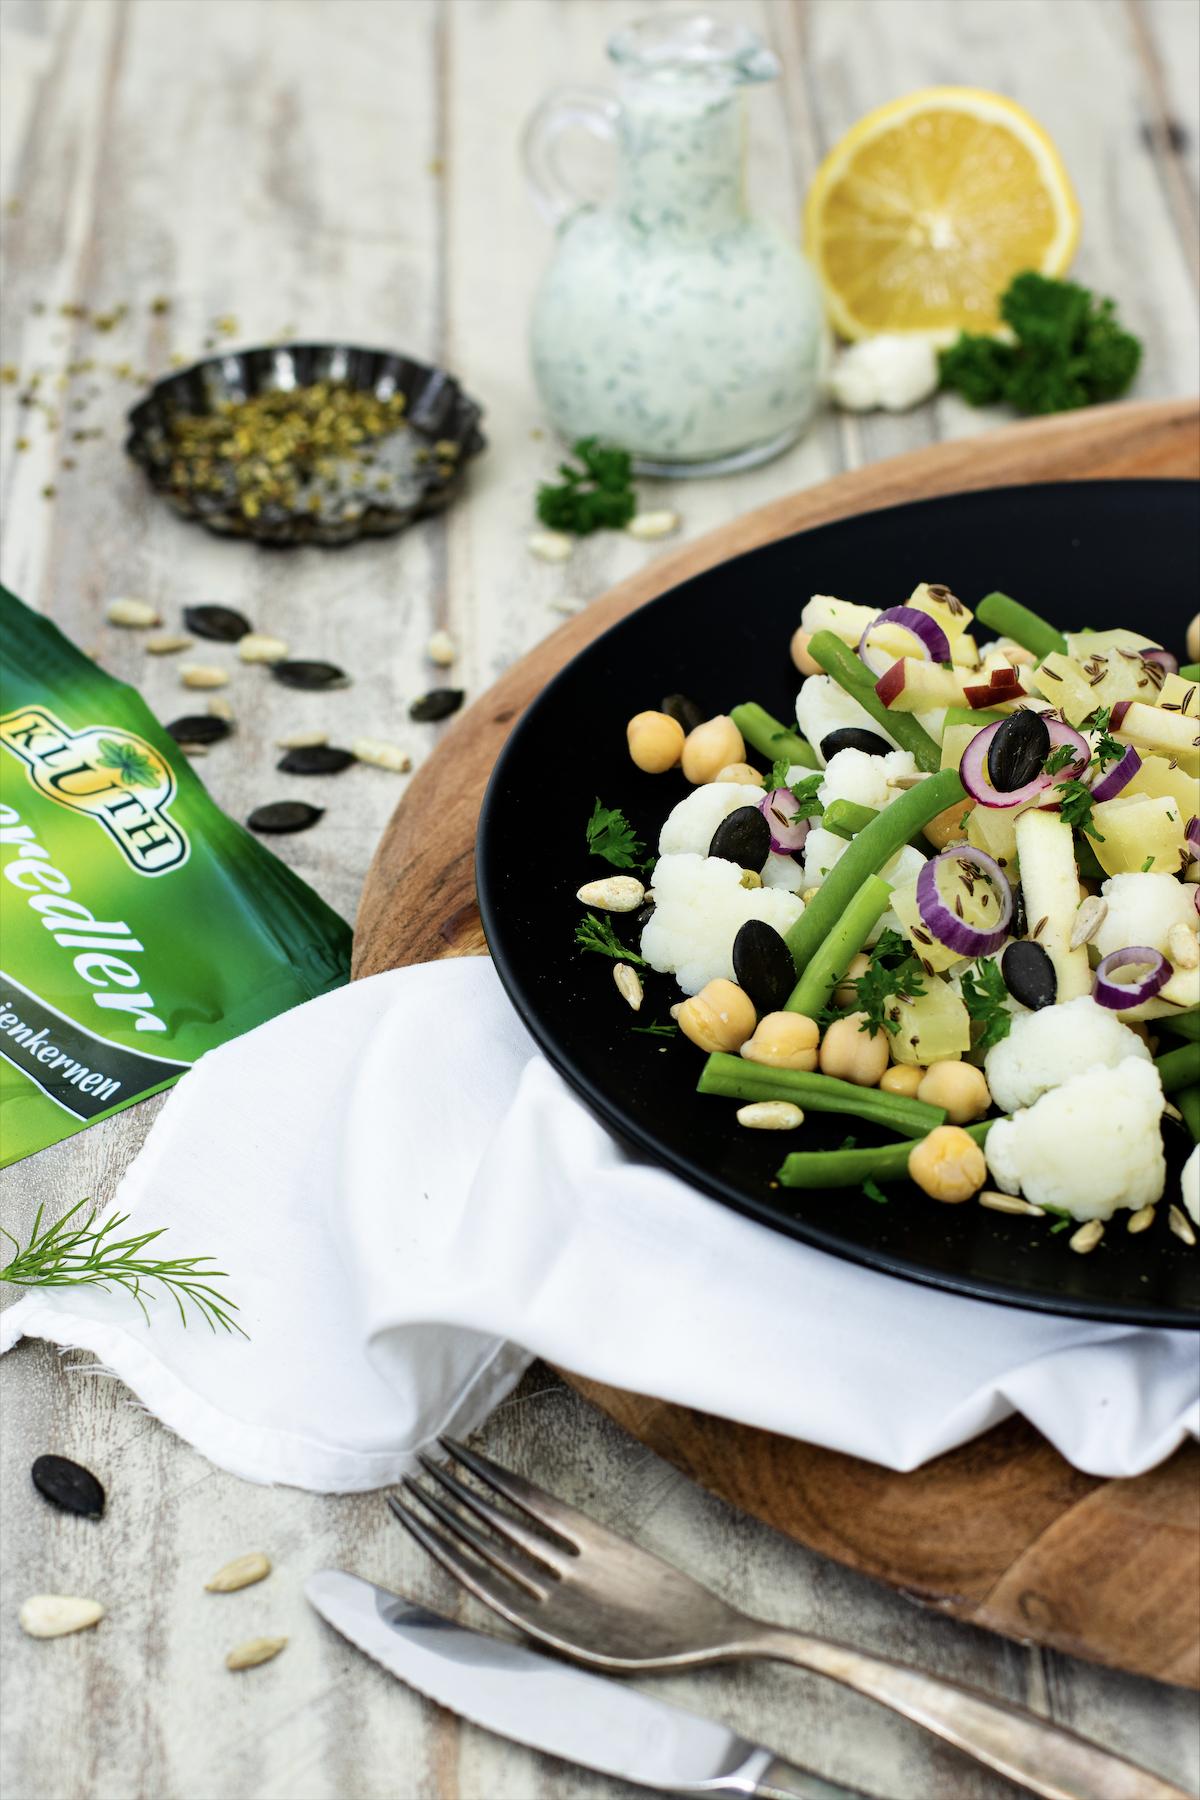 Blumenkohlsalat mit Kichererbsen und grünen Bohnen